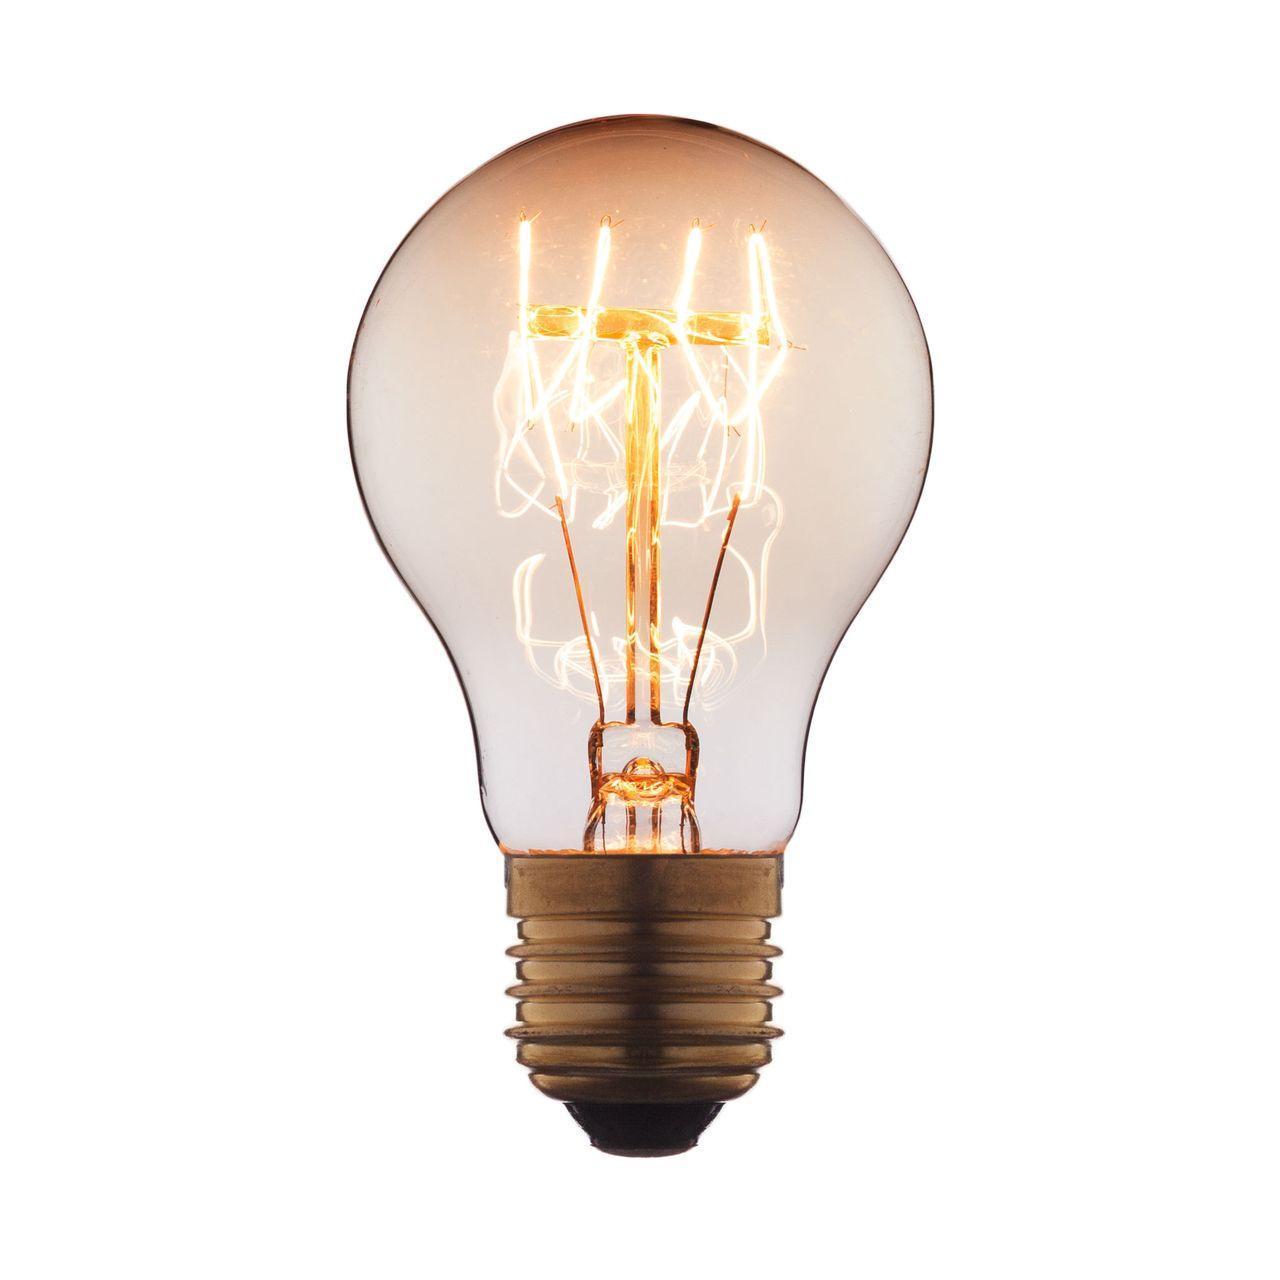 Лампа накаливания E27 40W прозрачная 7540-T loft it лампа накаливания loft it груша прозрачная e27 40w 7540 t